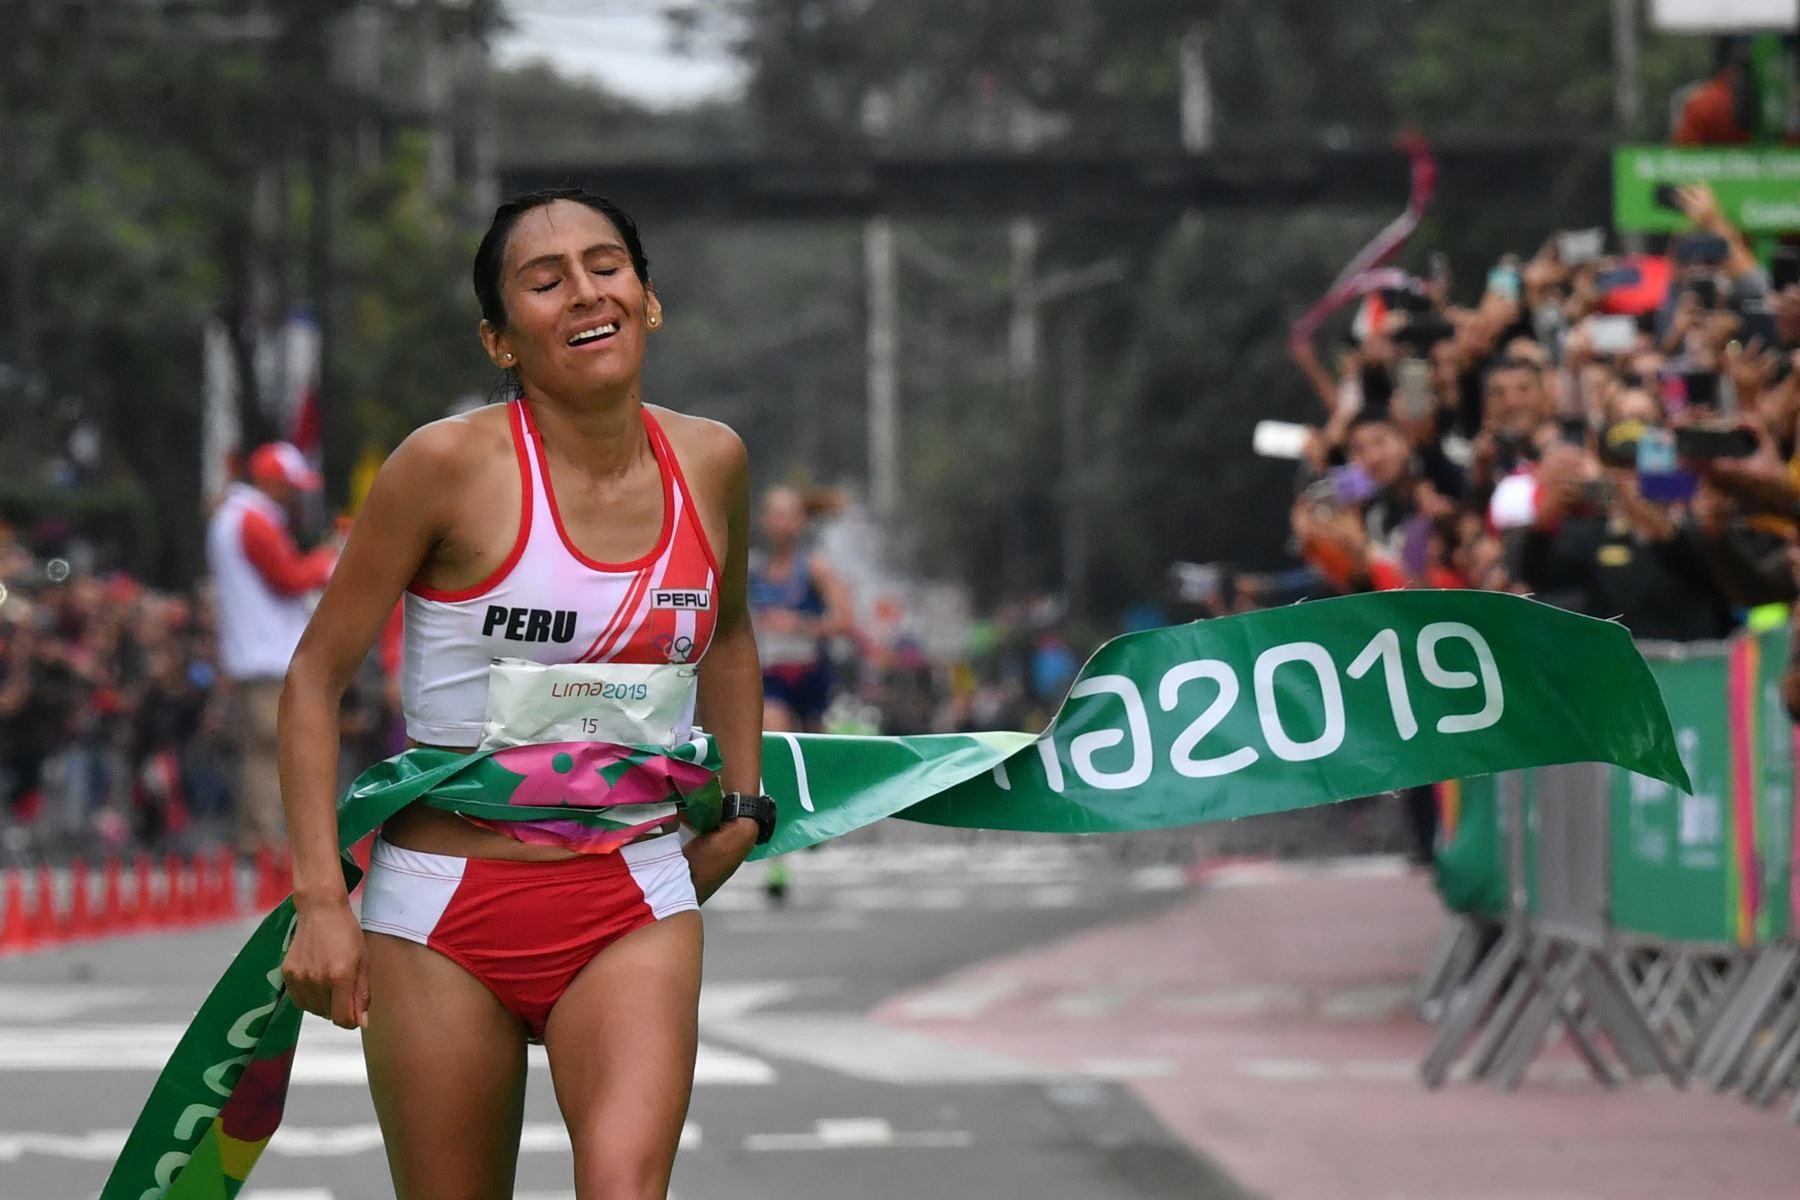 ipd-evalua-el-monto-que-pagara-por-un-una-medalla-olimpica-en-tokio-2020